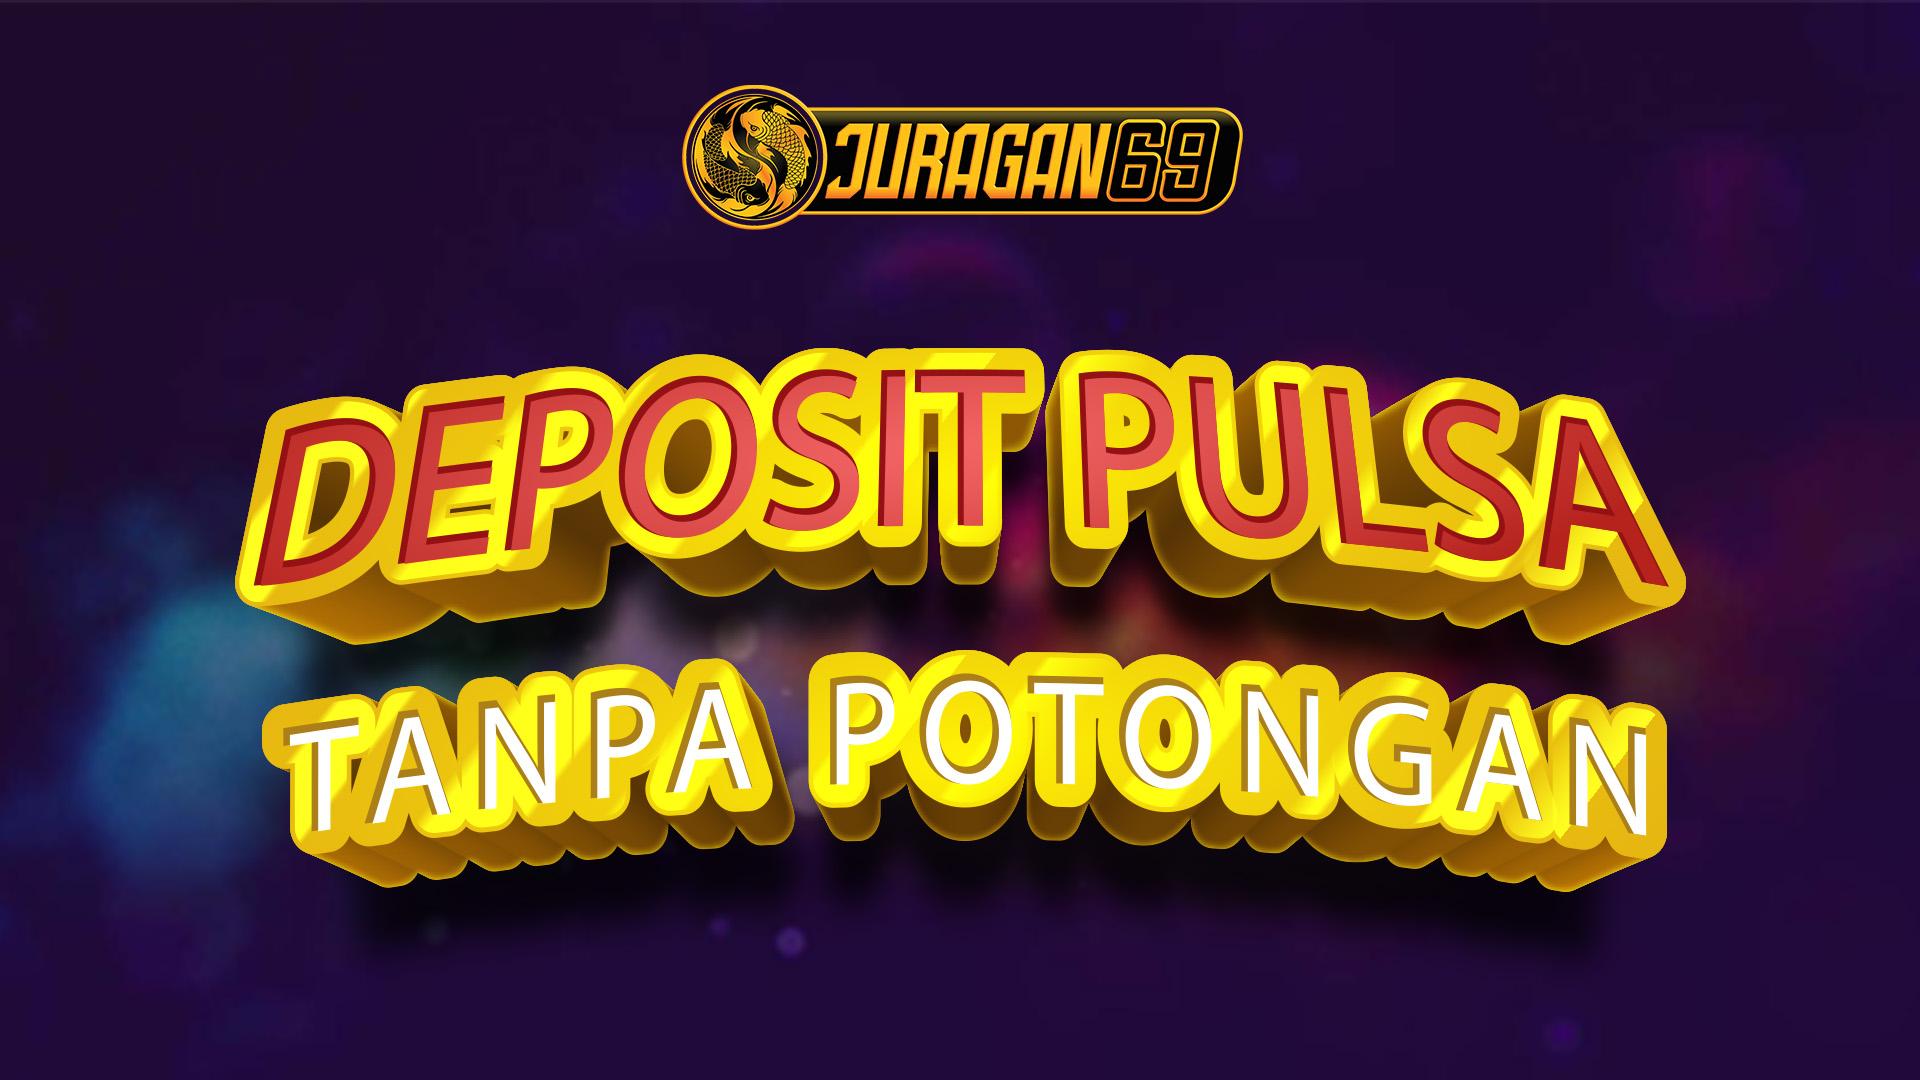 Deposit Pulsa Tanpa Potongan Juragan69